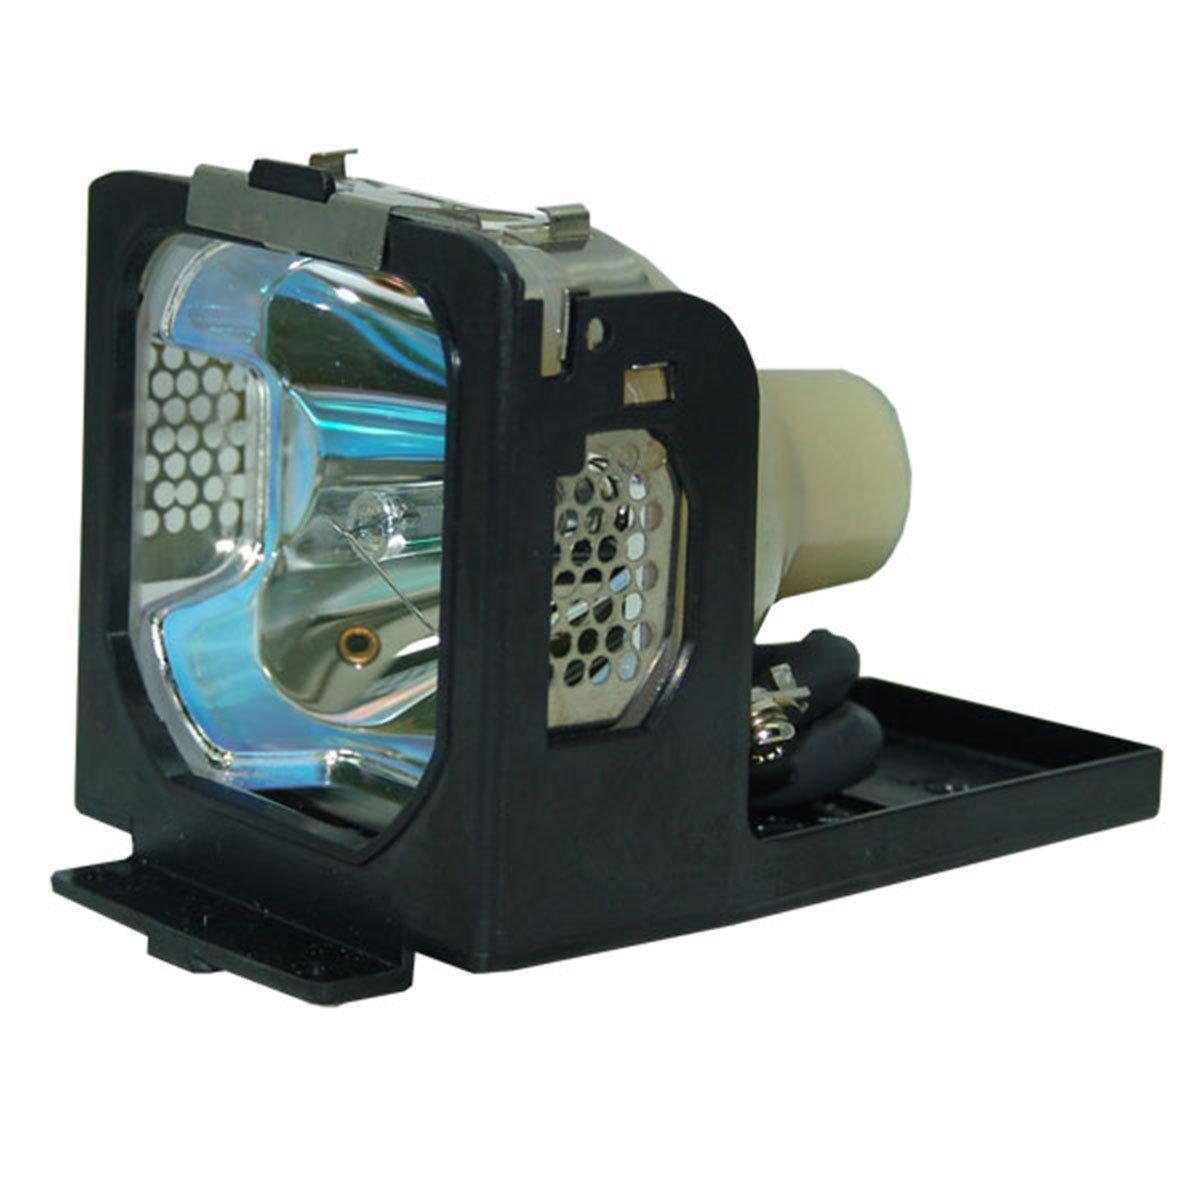 オリジナルフィリップスプロジェクター交換用ランプ Eiki Lamp LC-XM3用 Platinum Platinum (Brighter/Durable) B07L2B2KSH Lamp with (Brighter/Durable) Housing Platinum (Brighter/Durable), culta:f5073765 --- sharoshka.org